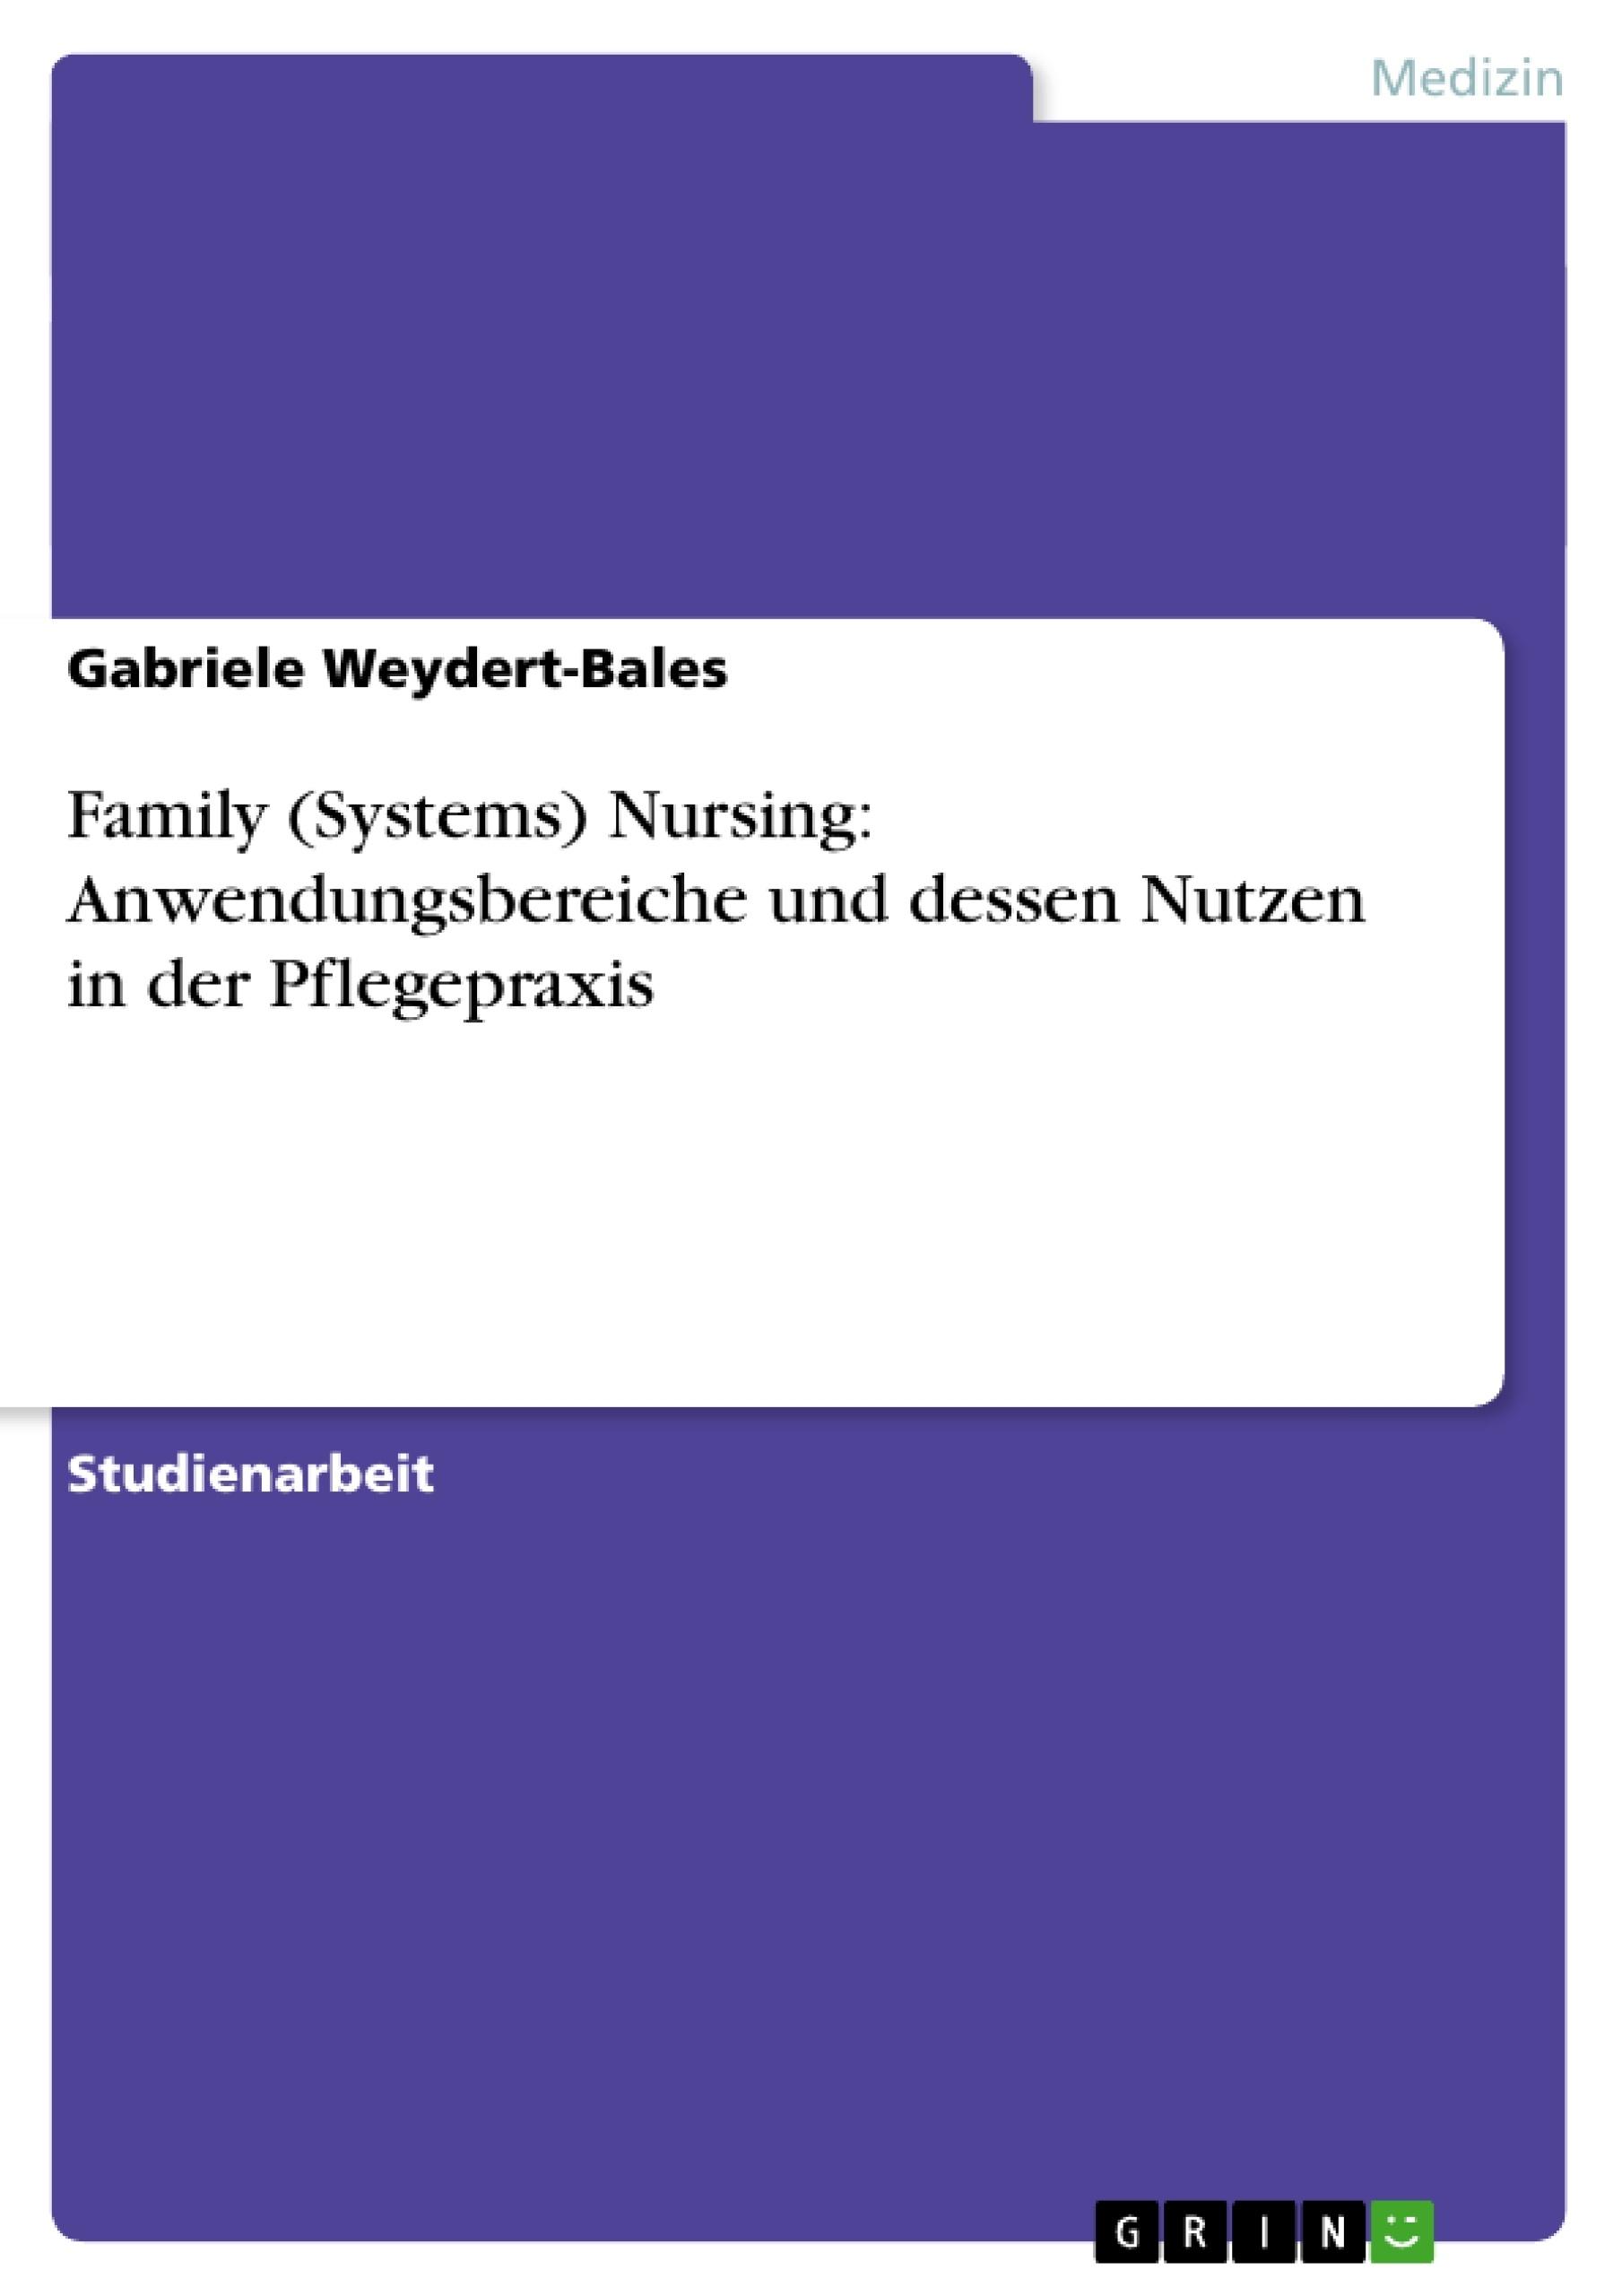 Titel: Family (Systems) Nursing: Anwendungsbereiche und dessen Nutzen in der Pflegepraxis